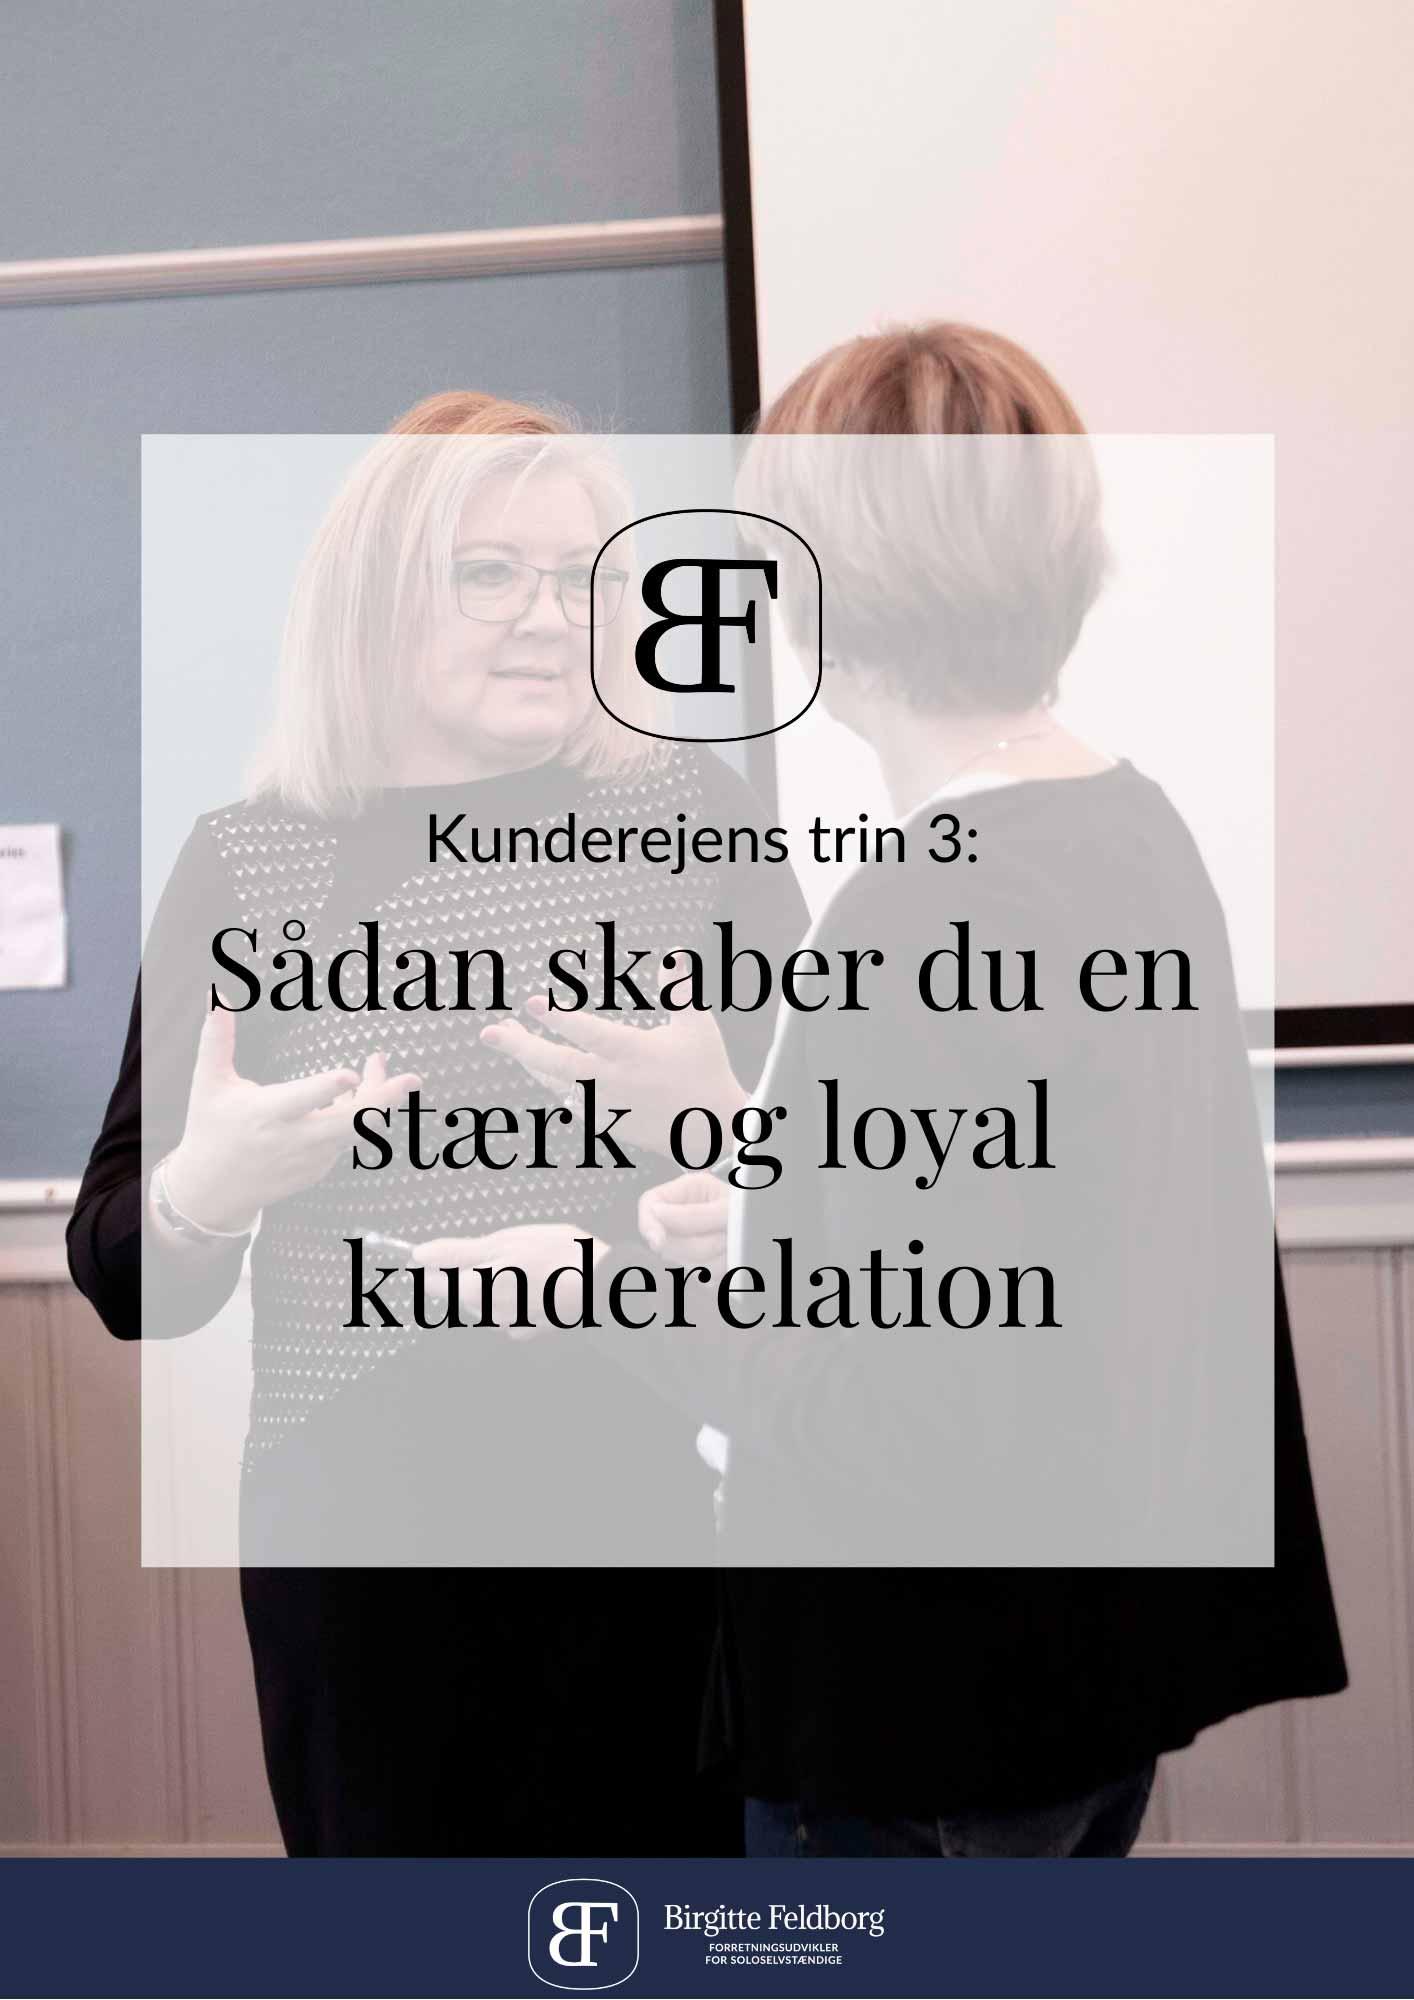 Sådan-skaber-du-en-stærk-og-loyal-kunderelation